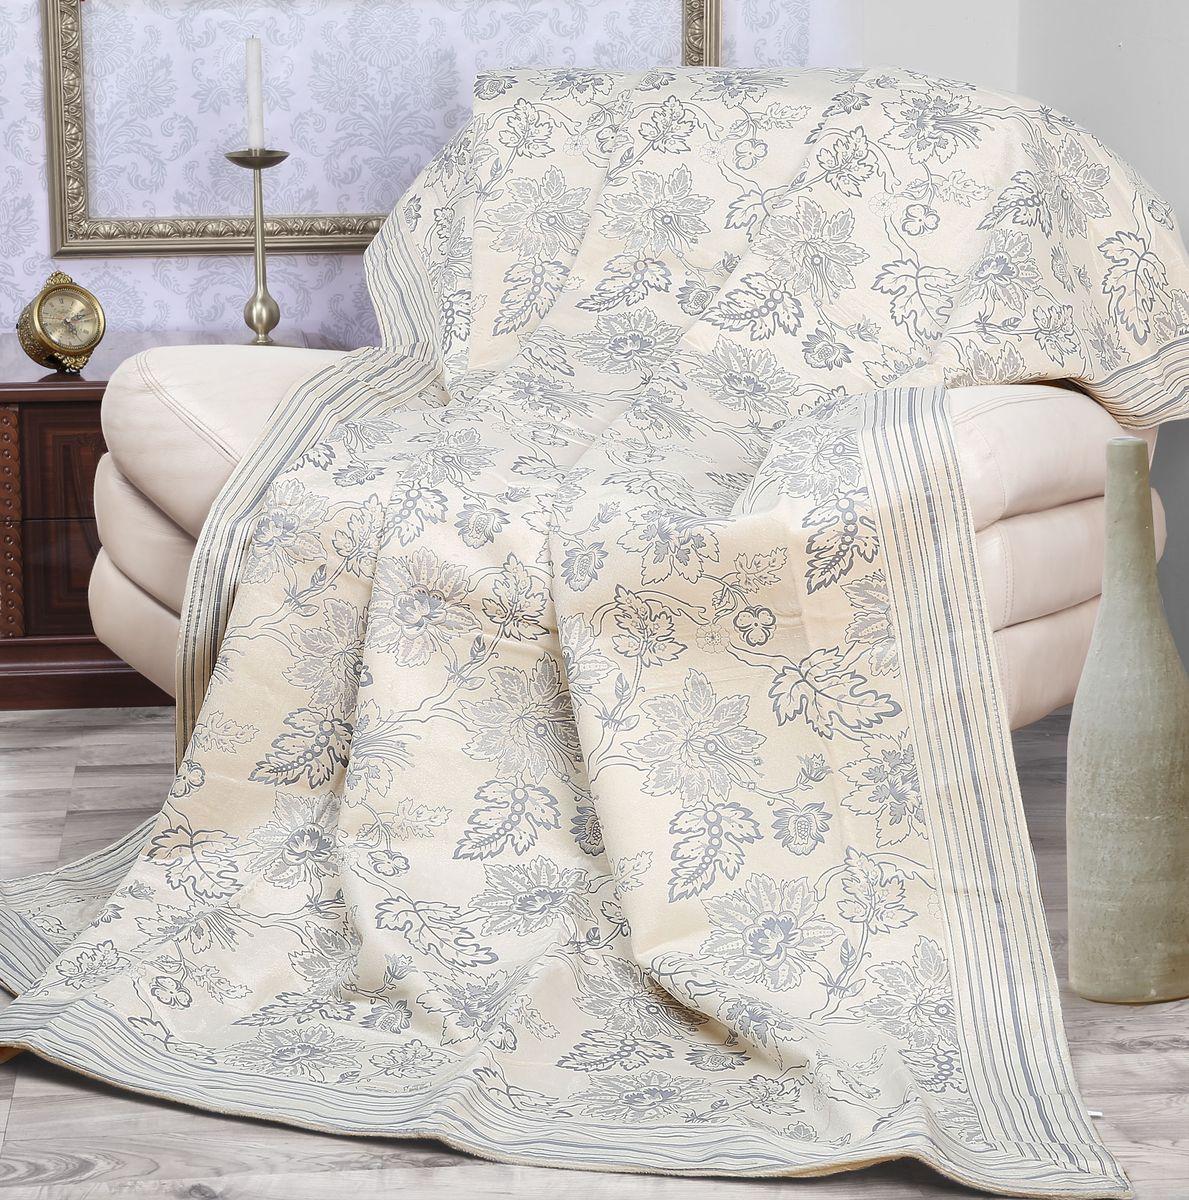 Покрывало Mona Liza Elite Camelia, цвет: бежевый, серый, 200 х 220 см530961/2Роскошное покрывало Mona Liza Elite Camelia из высококачественного полиэстера гармонично впишется в интерьер вашего дома и создаст атмосферу уюта и комфорта. Такое покрывало согреет в прохладную погоду и будет превосходно дополнять интерьер вашей спальни. Высочайшее качество материала гарантирует безопасность не только взрослых, но и самых маленьких членов семьи. Небольшой ворс придает покрывалу мягкость и оригинальность. Покрывало может подчеркнуть любой стиль интерьера, задать ему нужный тон - от игривого до ностальгического. Покрывало - это такой подарок, который будет всегда актуален, особенно для ваших родных и близких, ведь вы дарите им частичку своего тепла! Покрывала серии Mona Liza Elite выполнены из шенилловой ткани деворе - при выжигании части волокон образуется характерный рельефный рисунок.